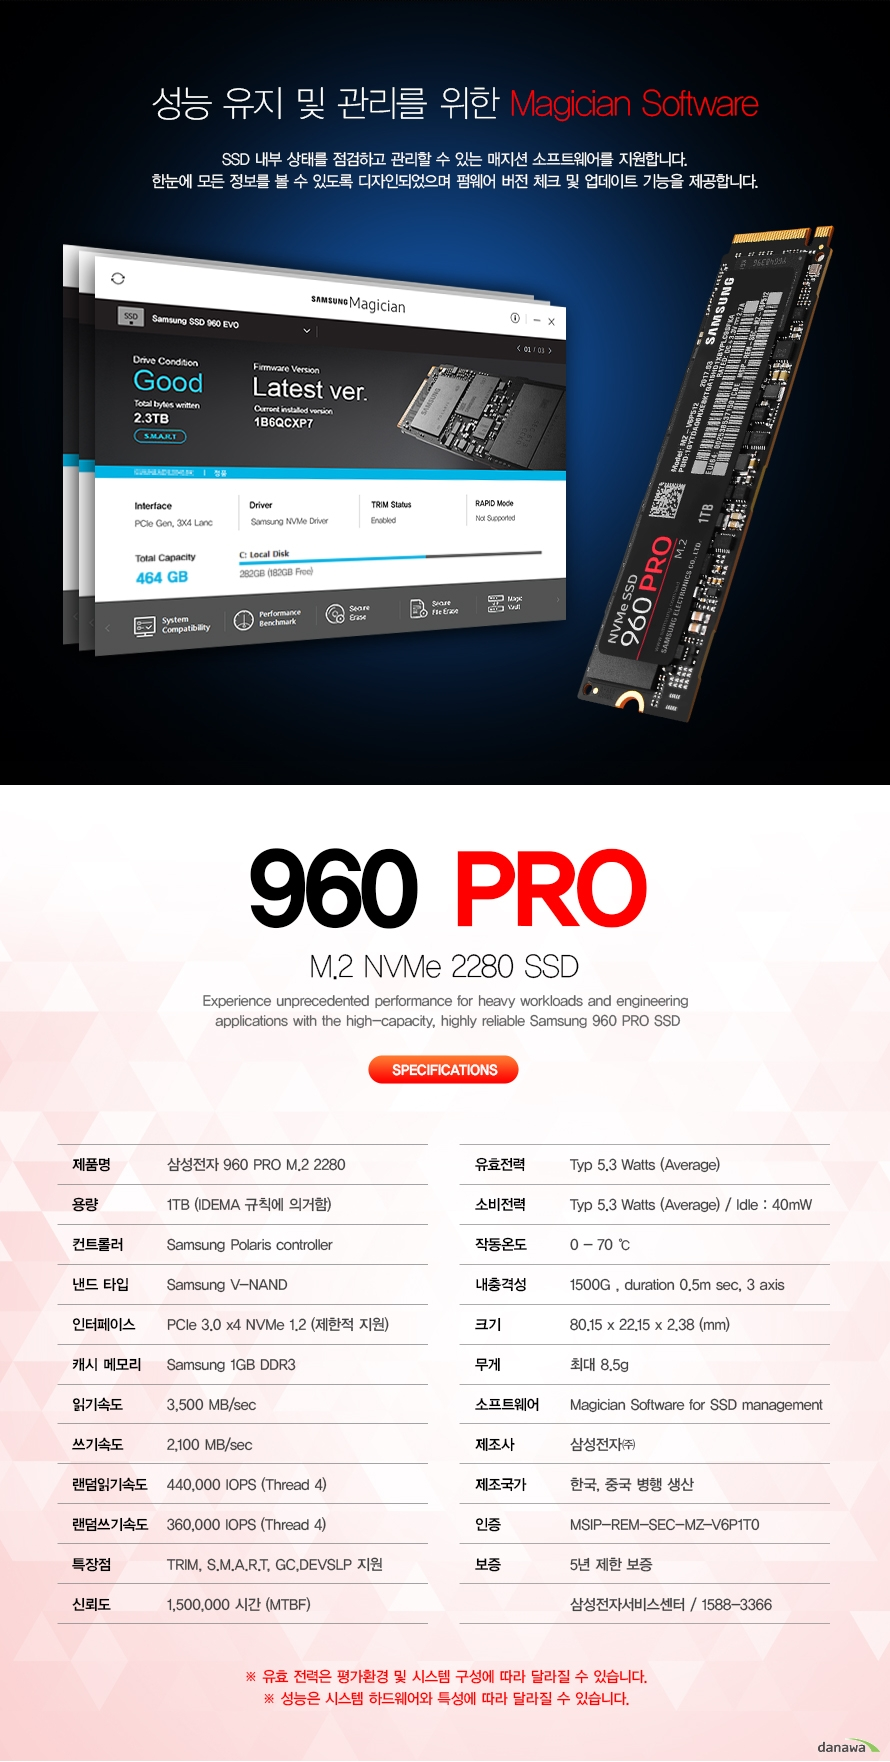 성능 유지 및 관리를 위한 magician software                        ssd내부 상태를 점검하고 관리할 수 있는 매지션 소프트웨어를 지원합니다.            한눈에 모든 정보를 볼 수 있도록 디자인되었으며 펌웨어 버전 체크 및 업데이트             기능을 제공합니다.                        960 PRO M.2 NVME 2280 SSD            SPECIFICATION                        제품명 삼성전자 960 PRO M.2 2280                        용량 1TB (IDEMA 규칙에 의거함)                        컨트롤러 SAMSUNG POLARIS CONTROLLER                        낸드 타입 SAMSUNG V NAND                        인터페이스 PCIE 3.0 X 4 NVME 1.2 (제한적 지원)                        캐시 메모리 SAMSUNG 1GB DDR3                        읽기 속도 3500 mb/s                        쓰기 속도 2100 mb/s                        랜덤 읽기 속도 440000 iops(thread 4)                        랜덤 쓰기 속도 360000 iops(thread 4)                        특장점 trim, s.m.a.r.t, g.c , devslp 지원                        신뢰도 1500000 시간 (mtbf)                        유효전력 typ 5.3 watts(Average)                        소비전력 typ 5.3 watts(Average) idle 40mw                        작동온도 0도에서 70도                        내충격성 1500G duration 0.5m sec 3axis                        크기 80.15 x 22.15x 2.38 mm                        무게 최대 8.5g                        소프트웨어 magician software for ssd management                        제조사 삼성전자                        제조국가 한국, 중국 병행 생산                        인증 msip rem sec mz v6p1T0                        보증 5년 제한 보증                        삼성전자 서비스센터 1588 3366                        유효 전력은 평가환경 및 시스템 구성에 따라 달라질 수 있습니다.            성능은 시스템 하드웨어와 특성에 따라 달라질 수 있습니다.